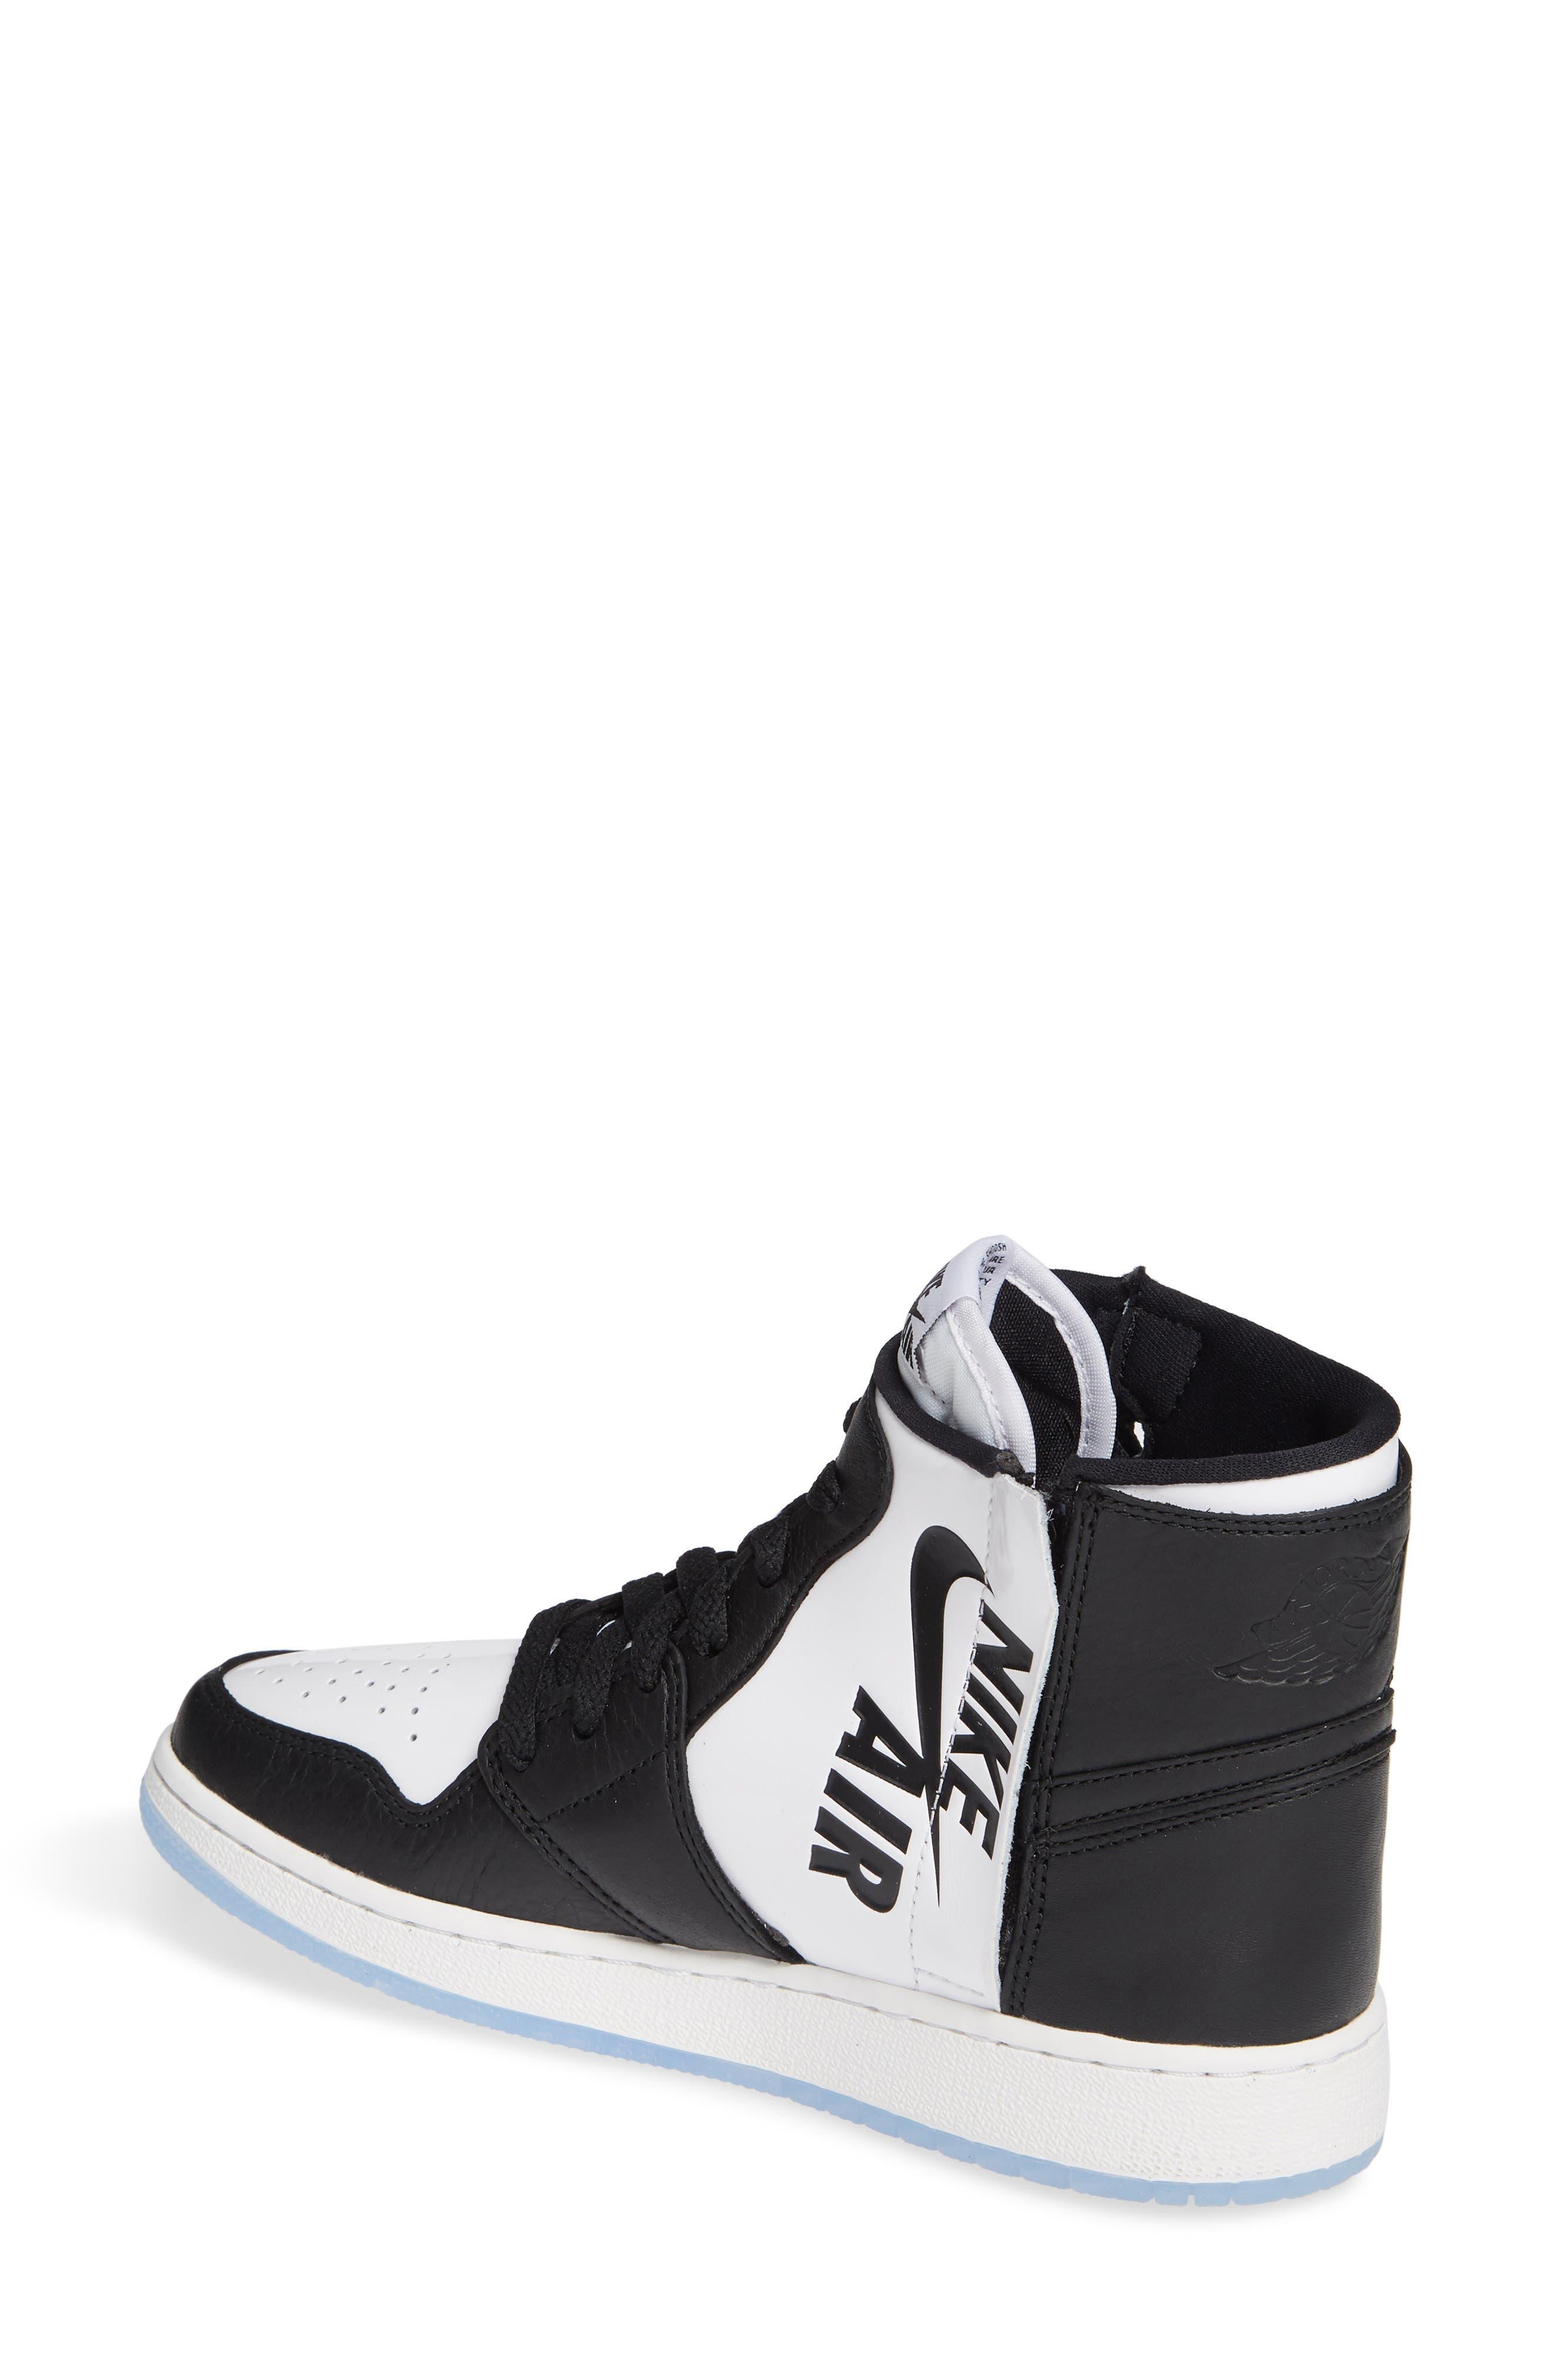 Air Jordan 1 Rebel XX High Top Sneaker,                             Alternate thumbnail 2, color,                             BLACK/ BLACK